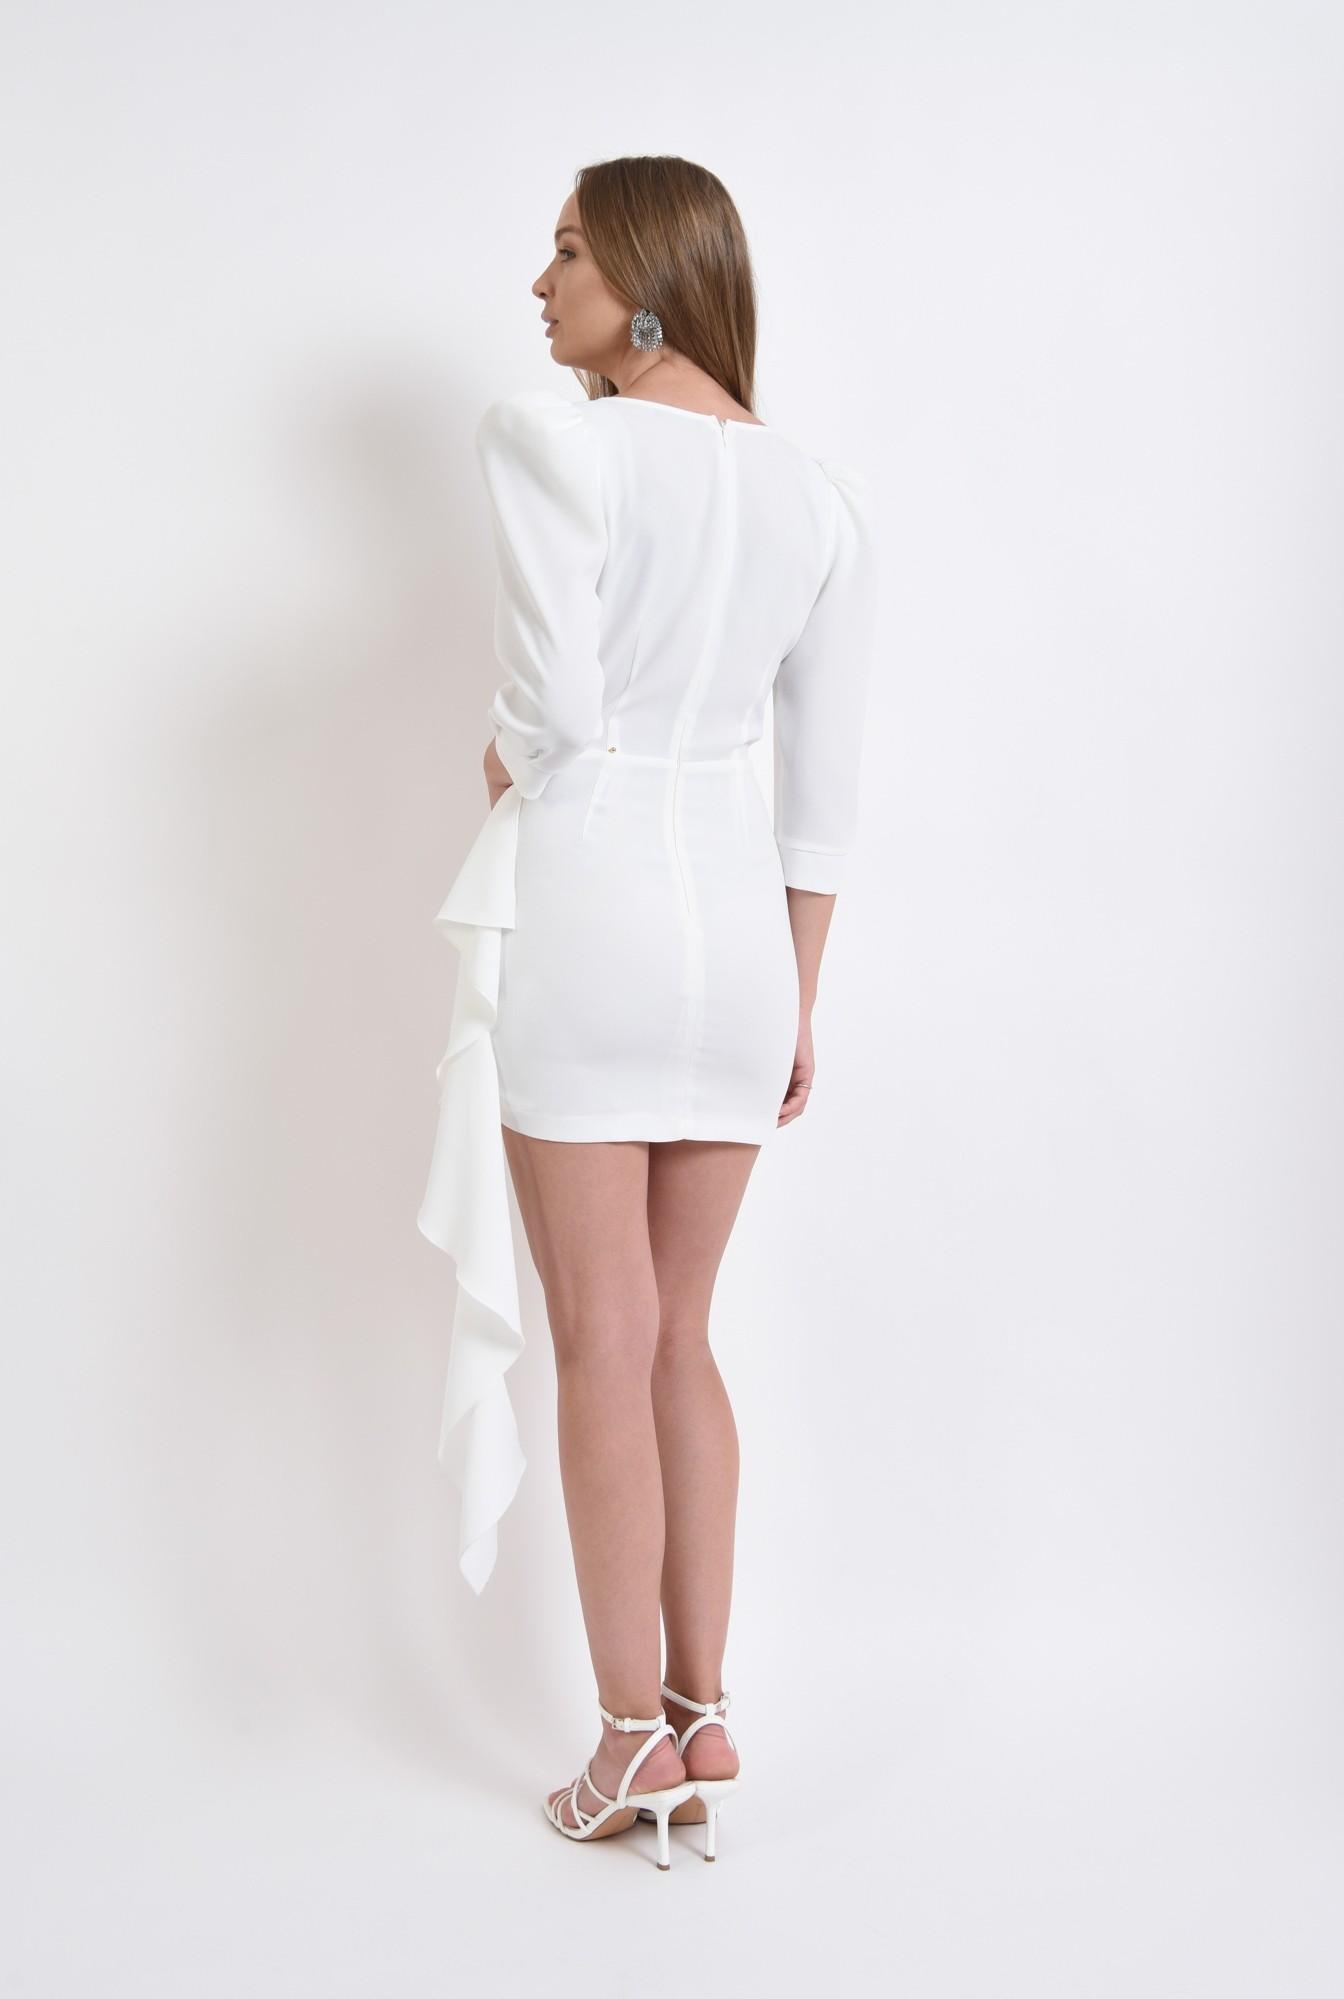 2 - rochie de ocazie, cu umeri accentuati